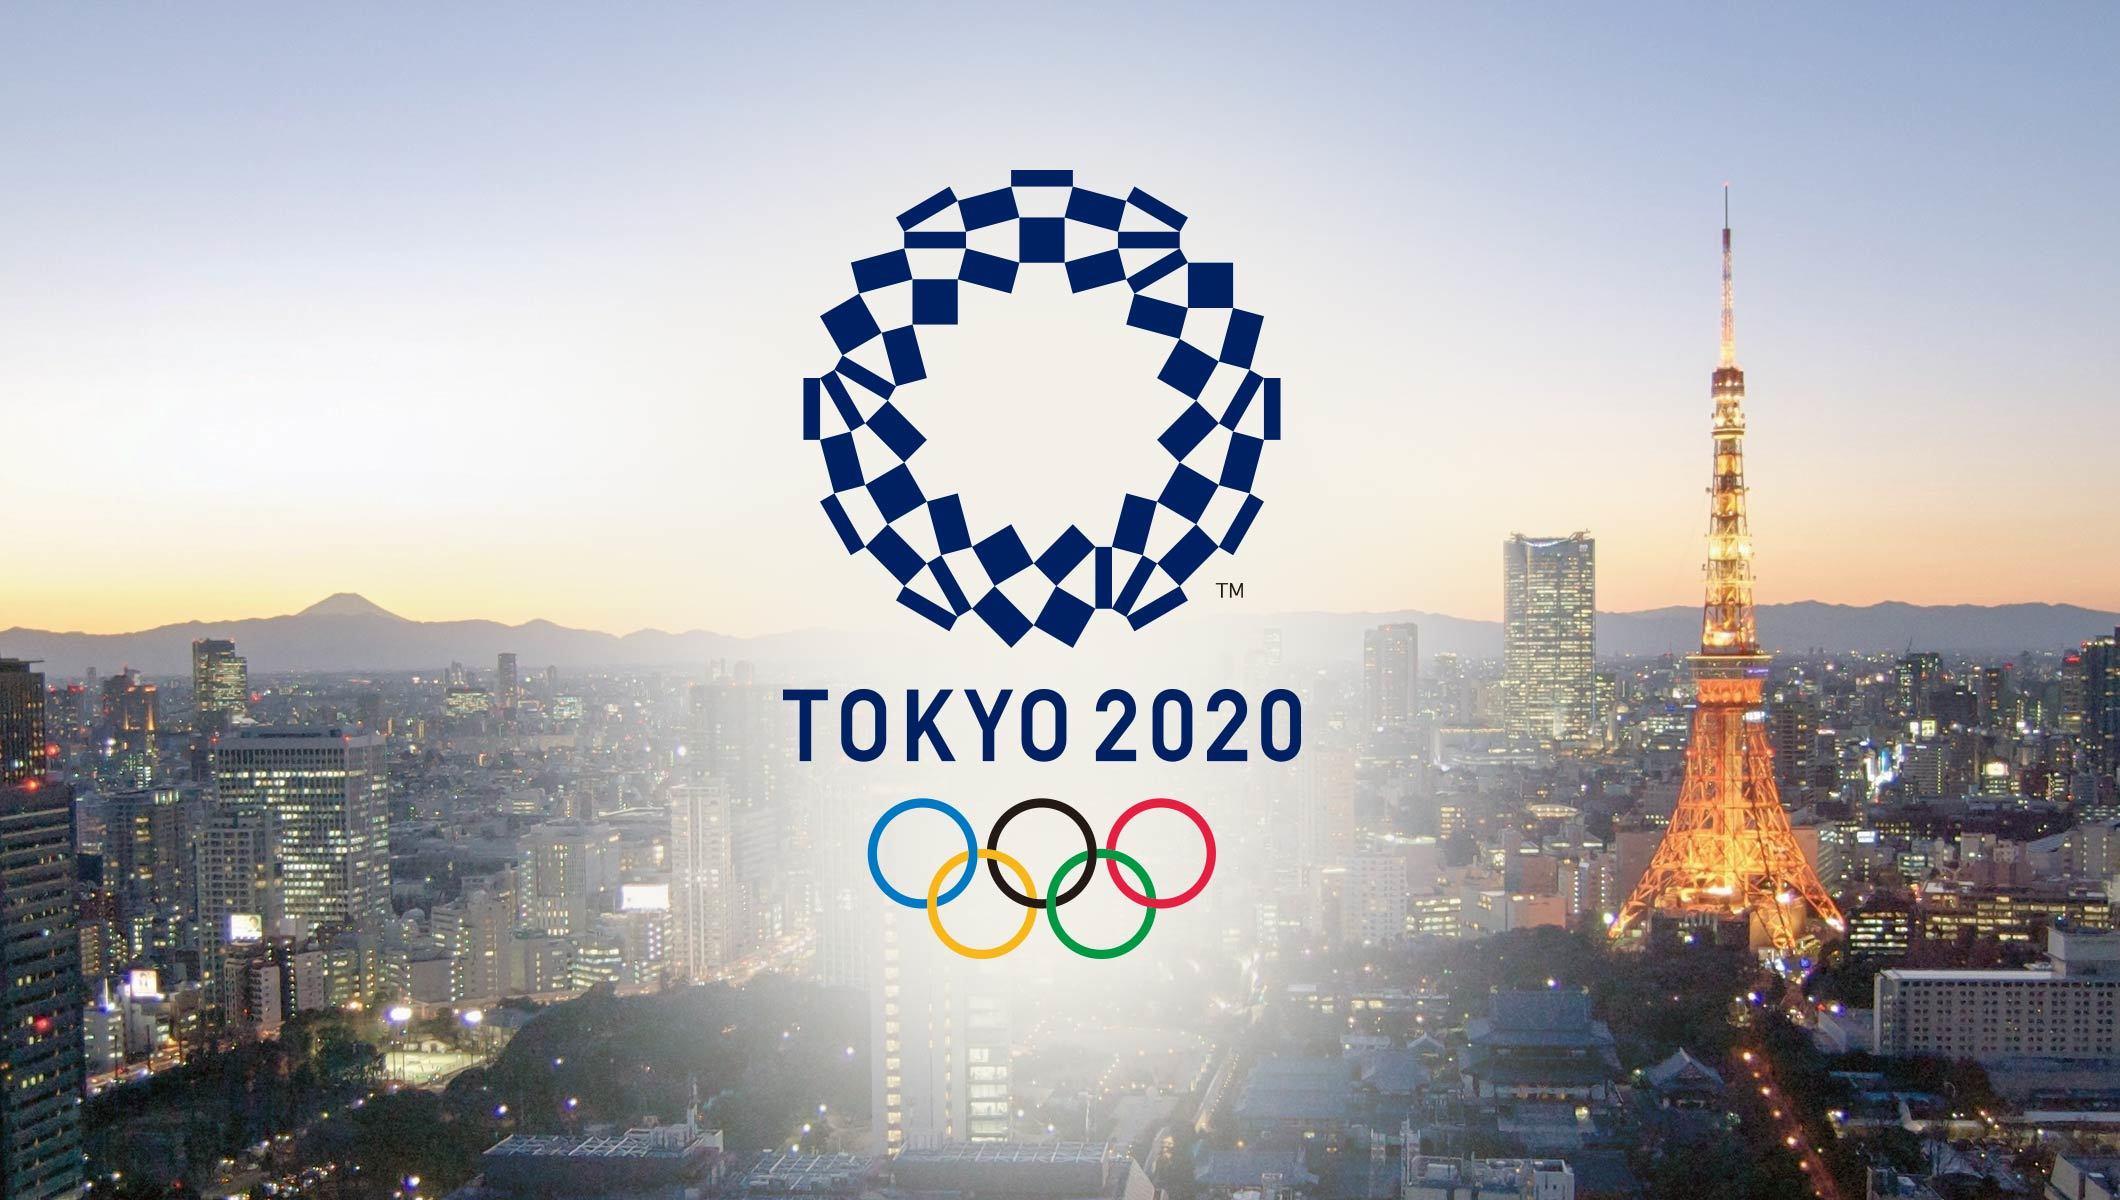 Jeux olympiques de Tokyo : que peut-on attendre dans le contexte actuel ?